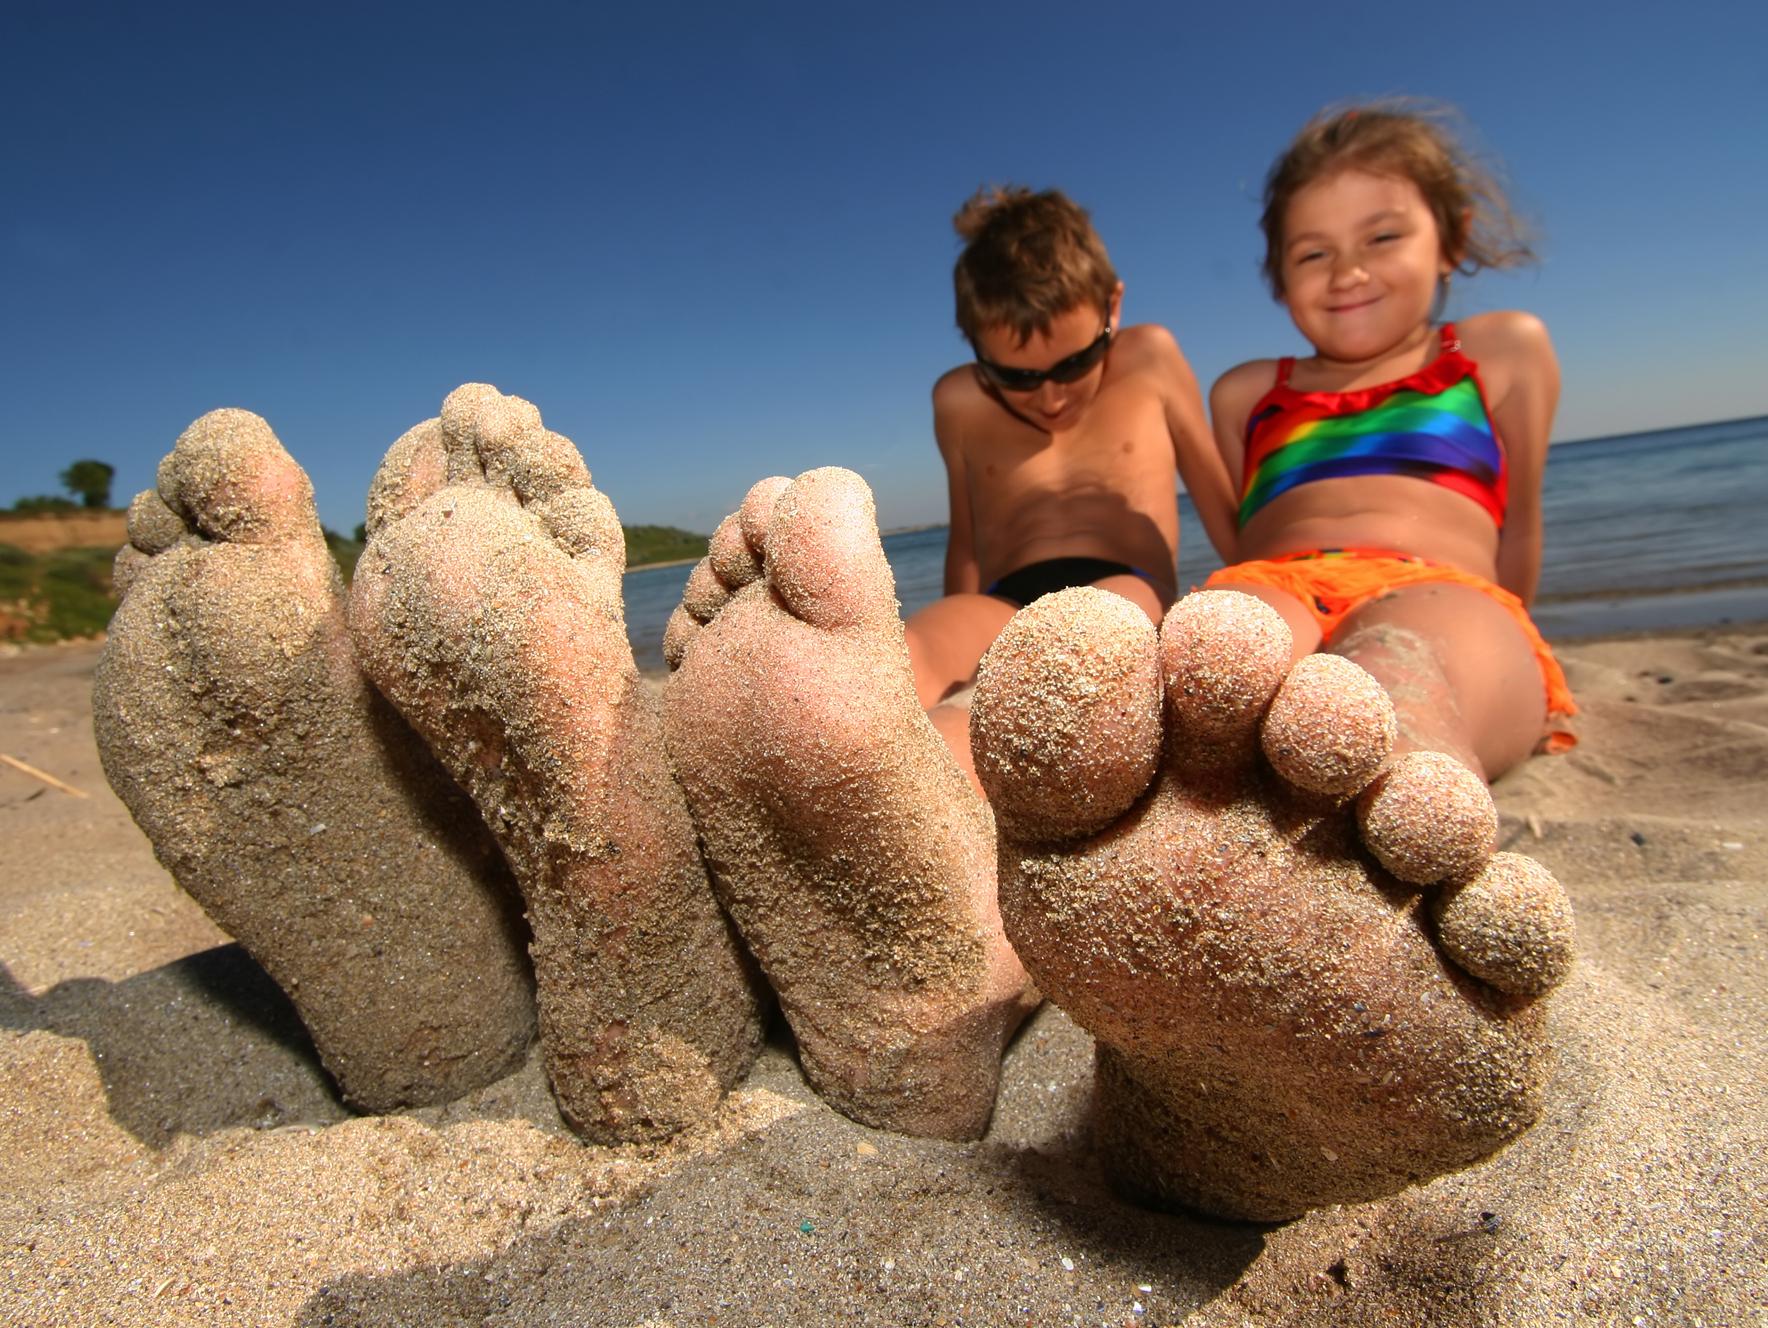 Infezioni da sabbia: precauzioni per i bambini in spiaggia